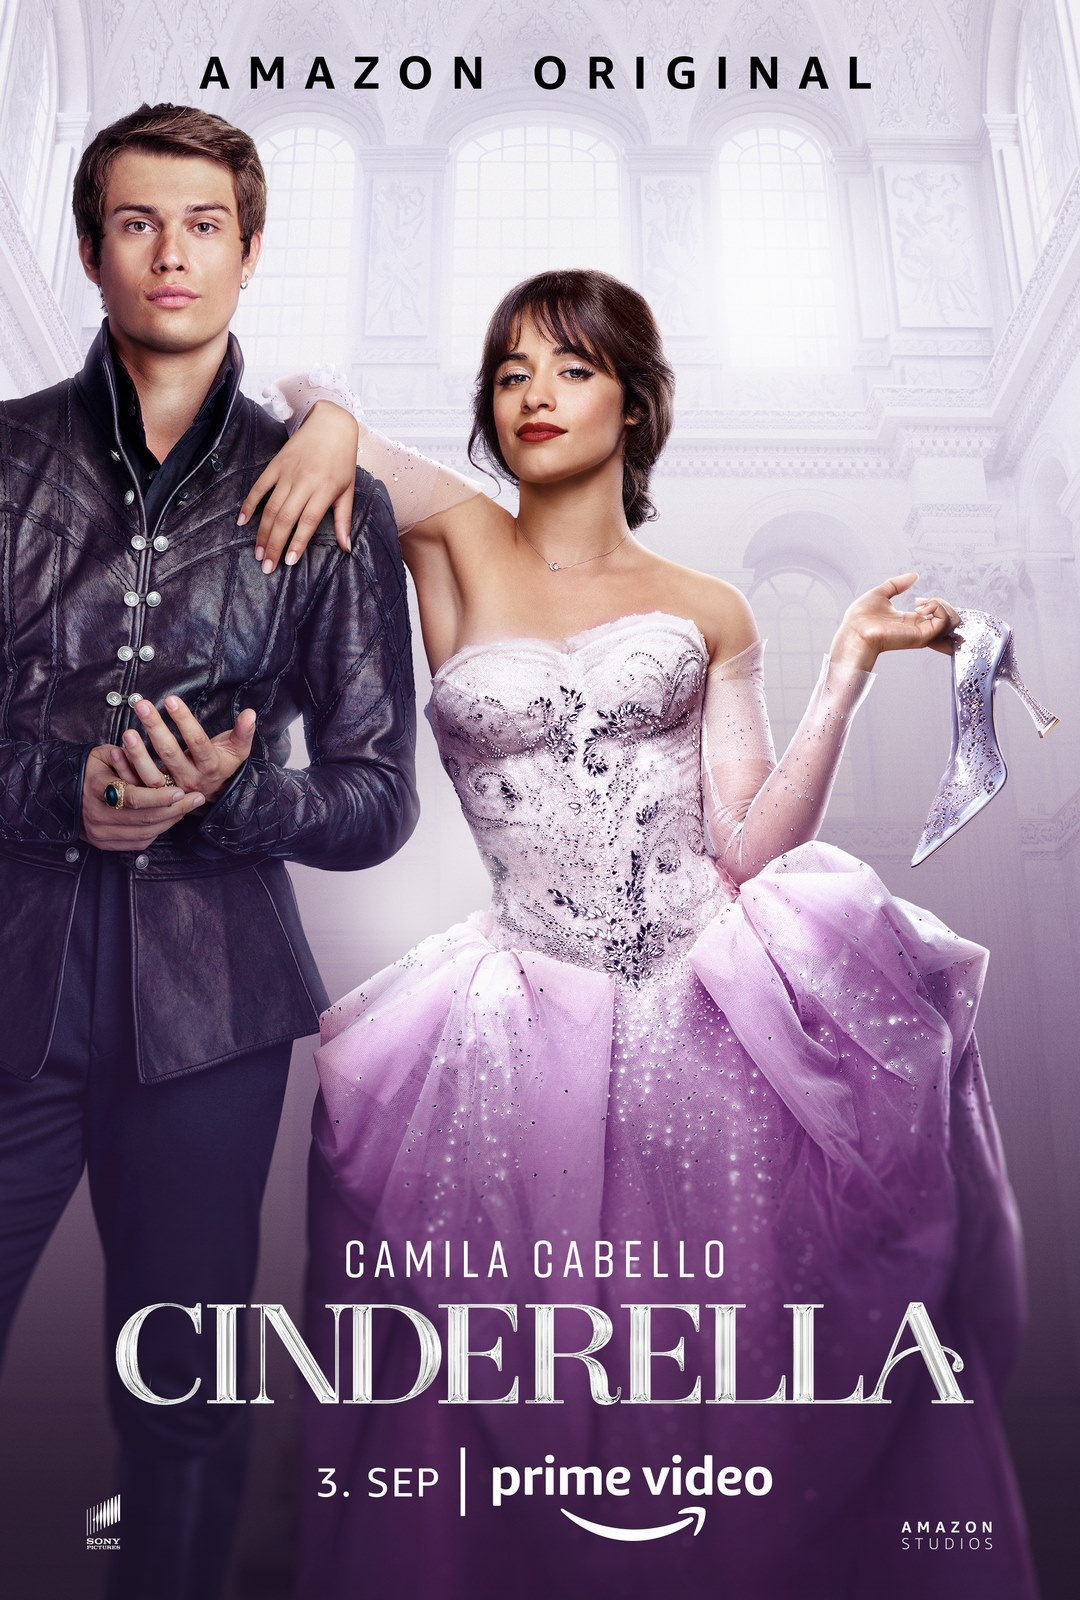 """Film Kritik: """"Cinderella"""" verliert sich in einer seelenlosen Erzählung"""